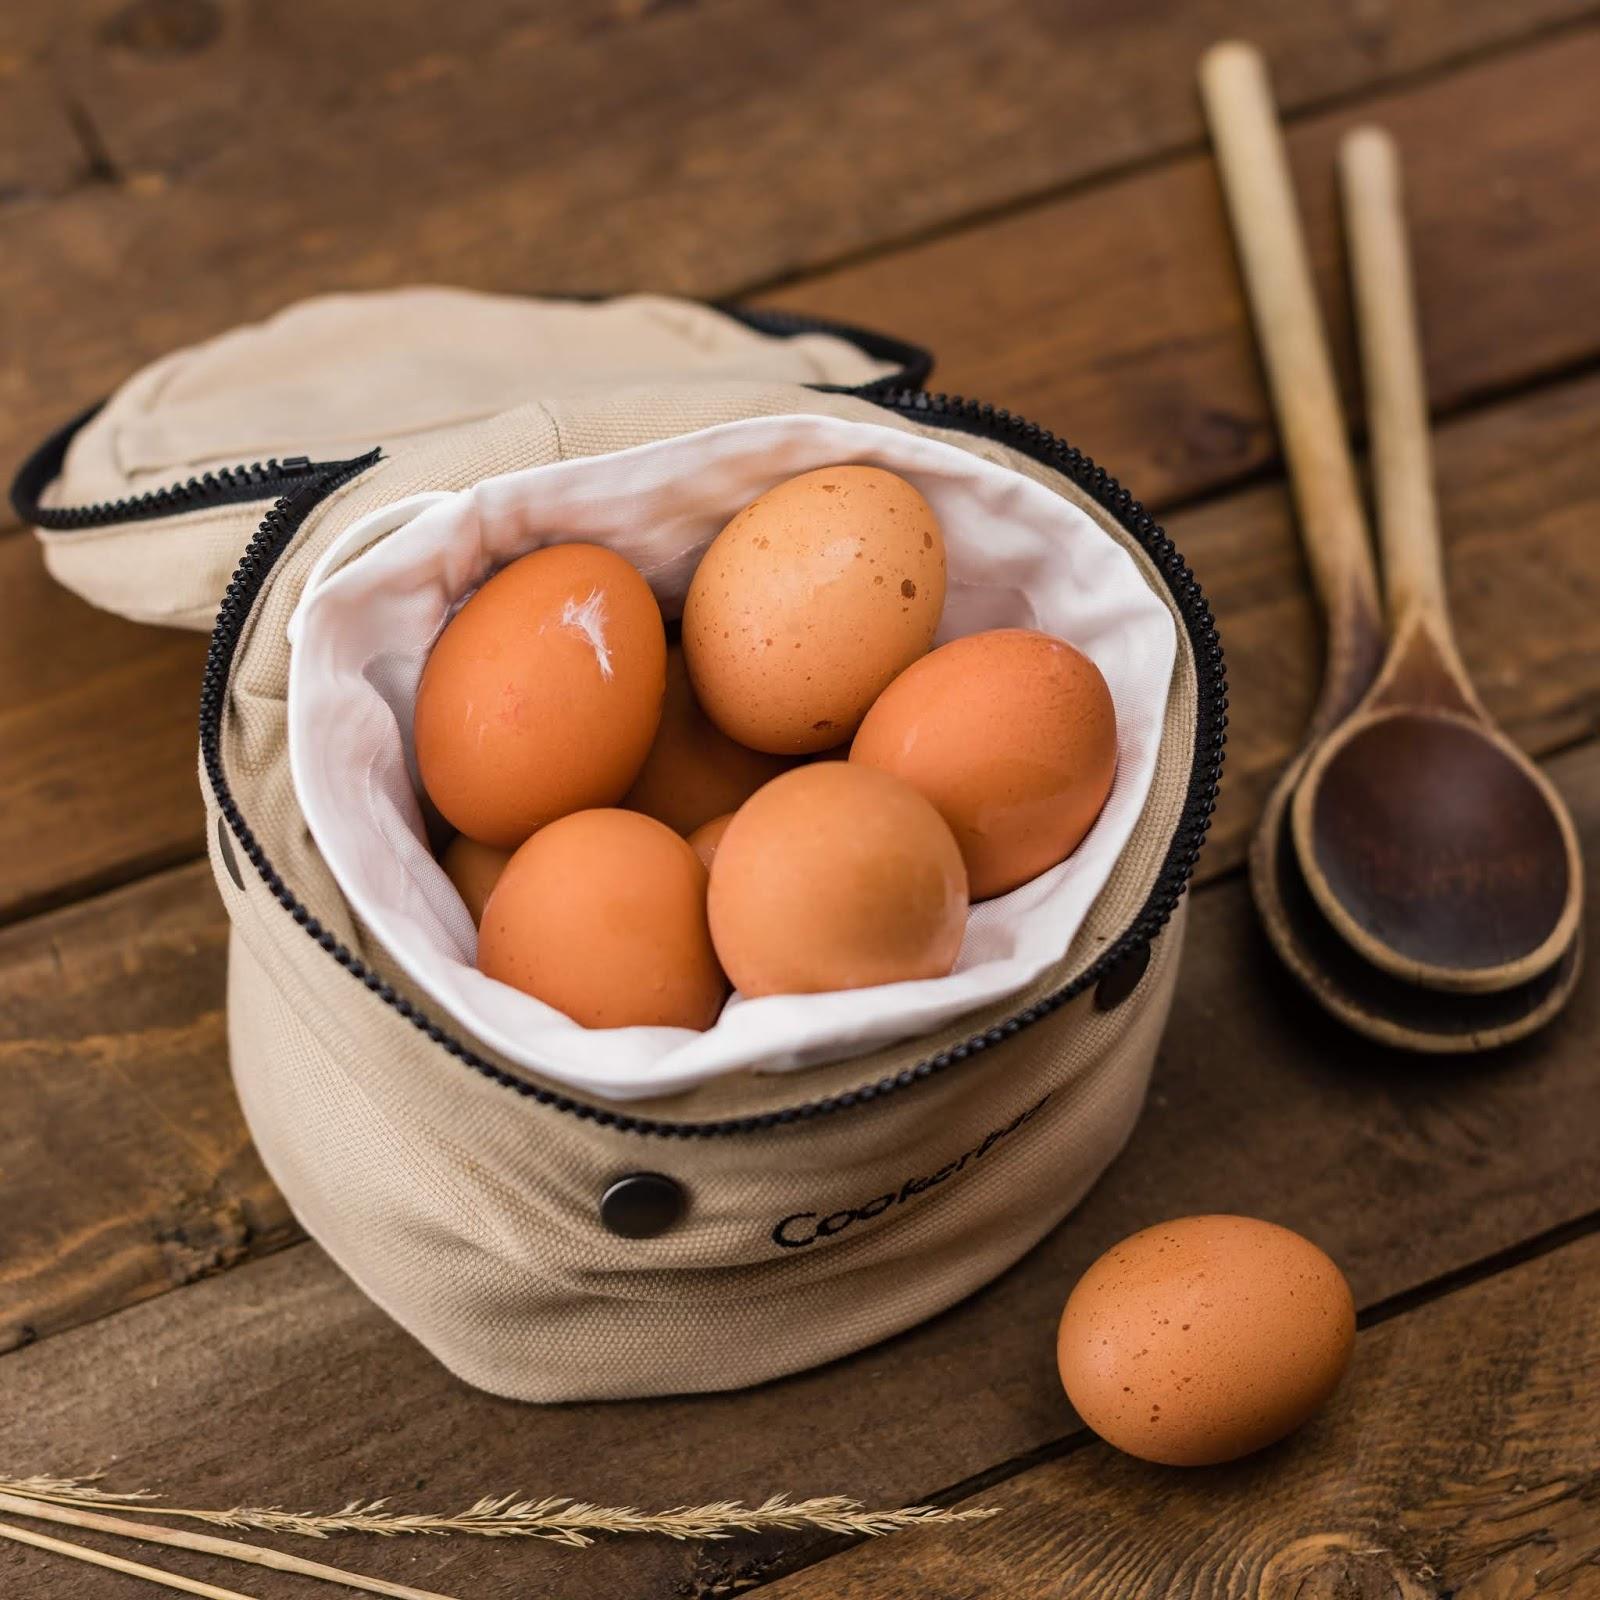 Hoe lang kun je gekookte eieren bewaren, en hoe?